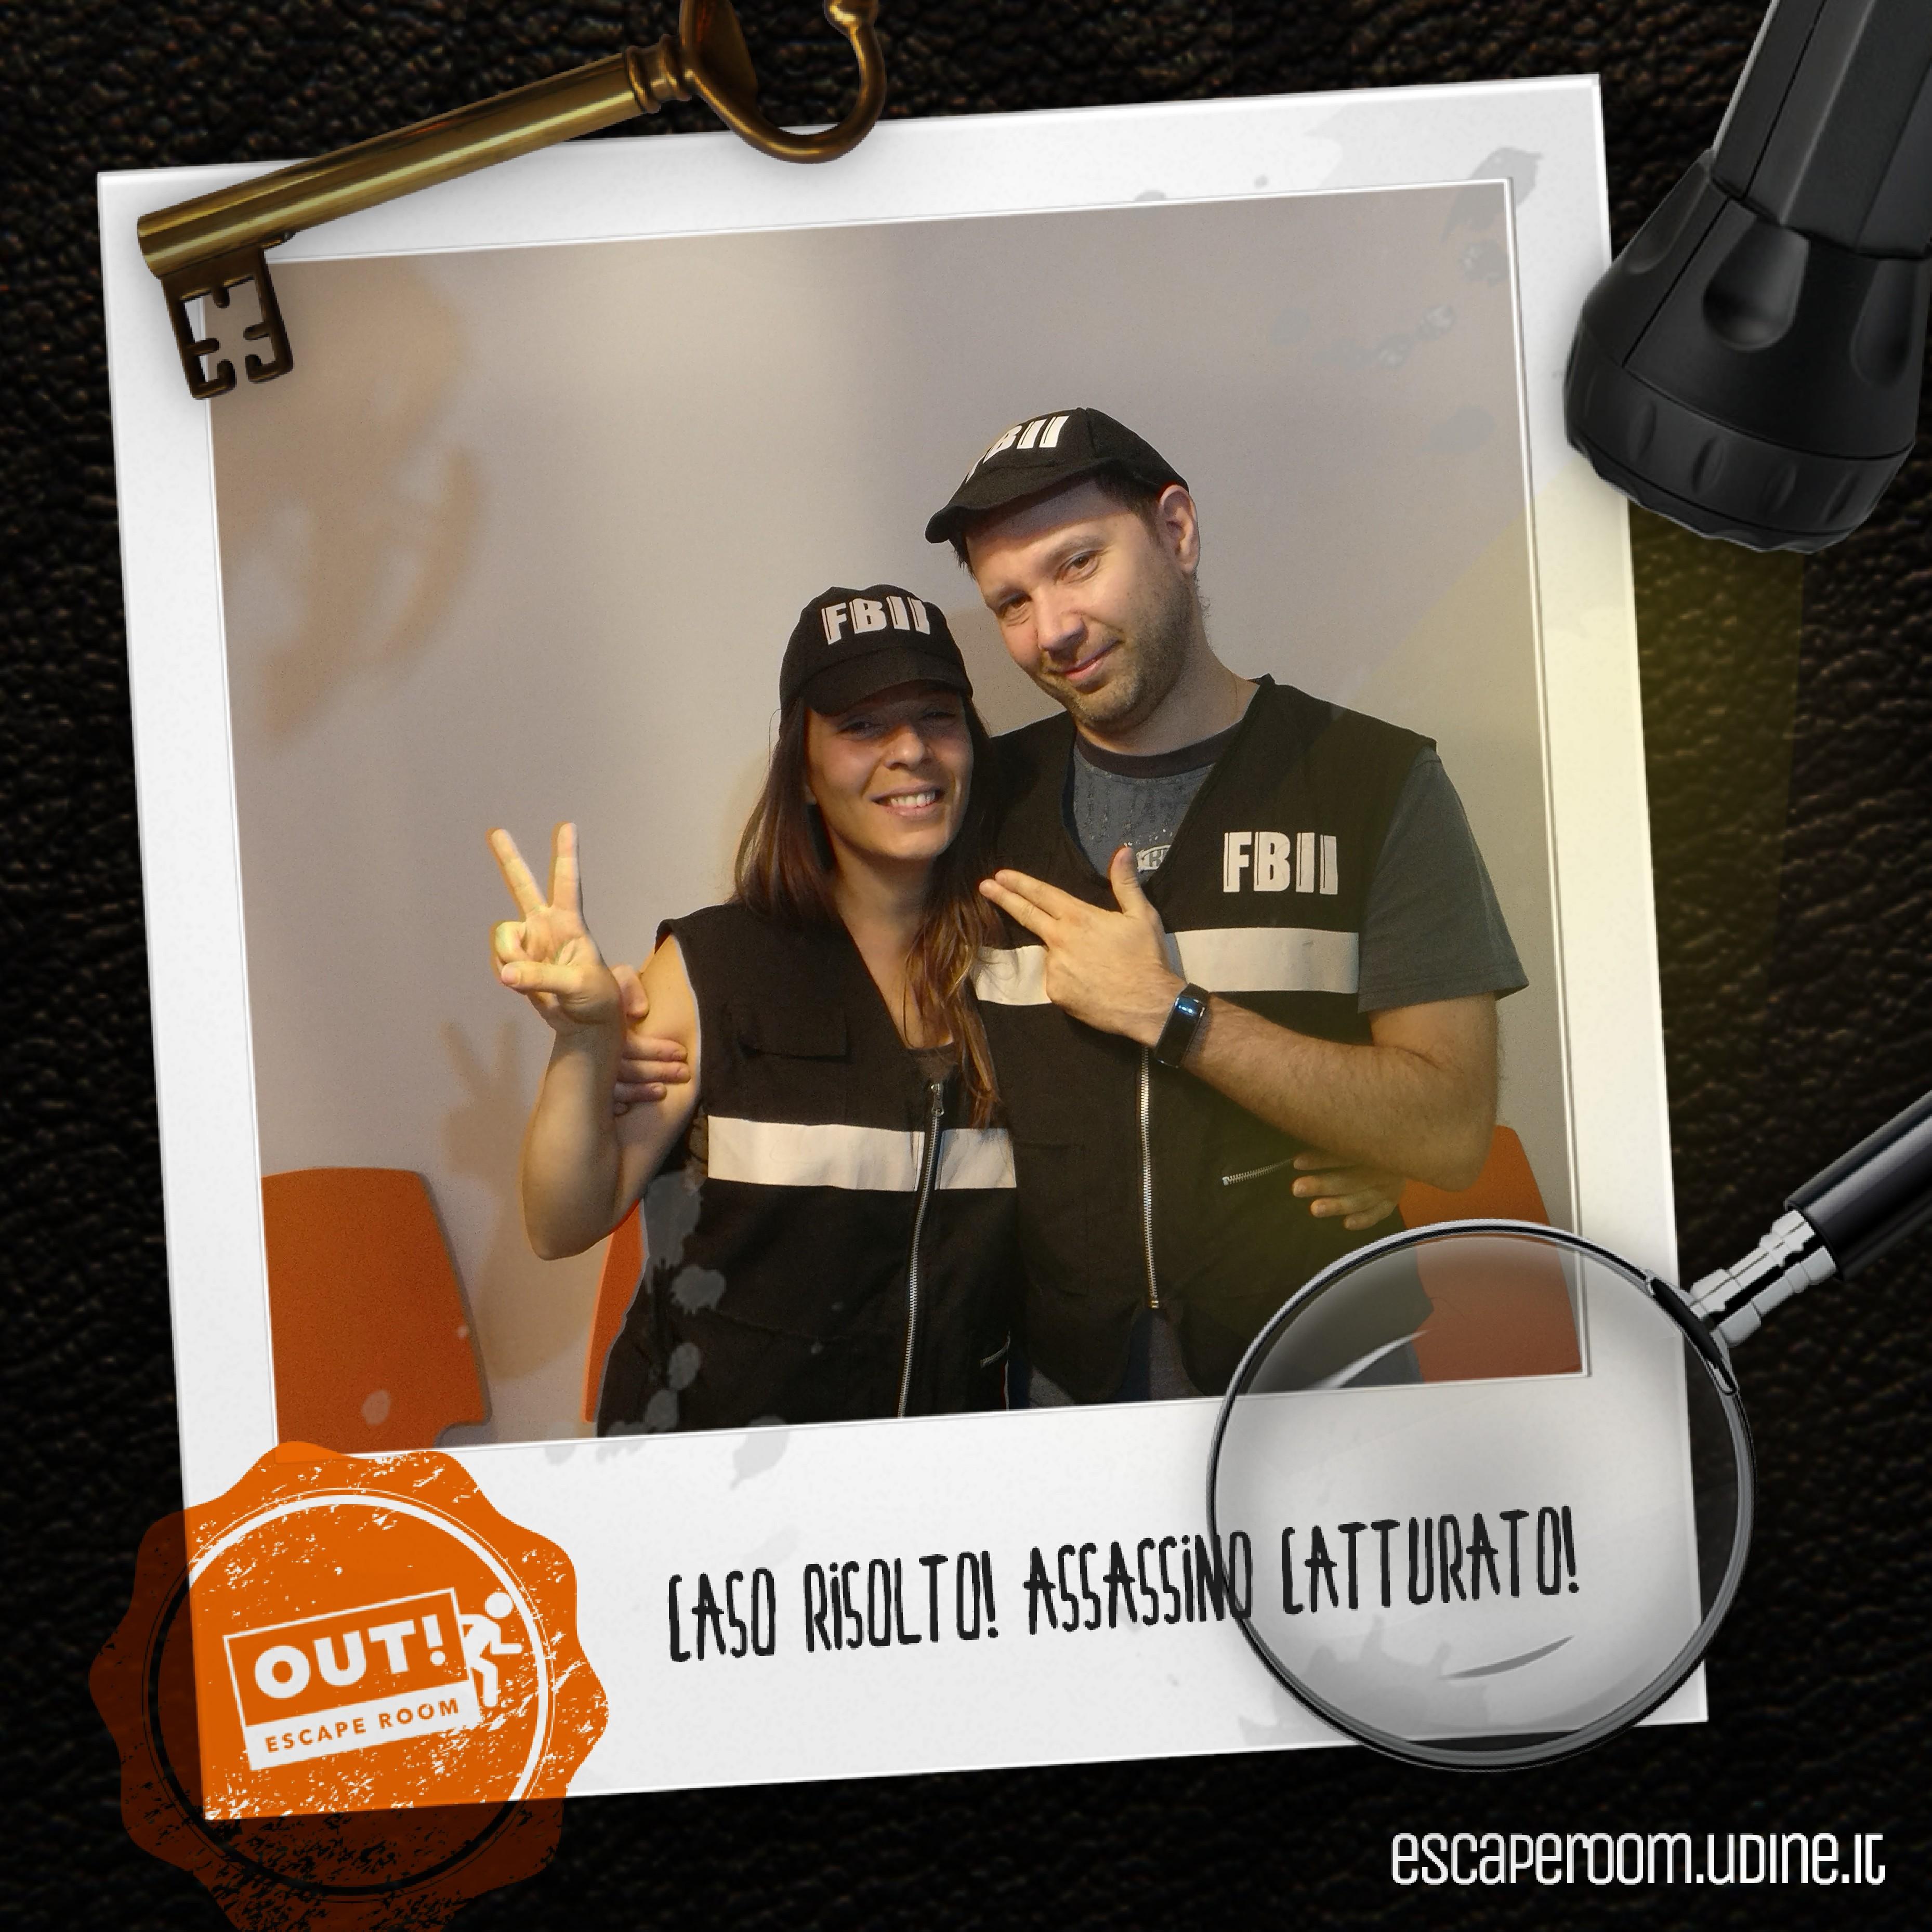 Squadra francesca di blasi carlo pelizzari - OUT! Escape Room a Udine